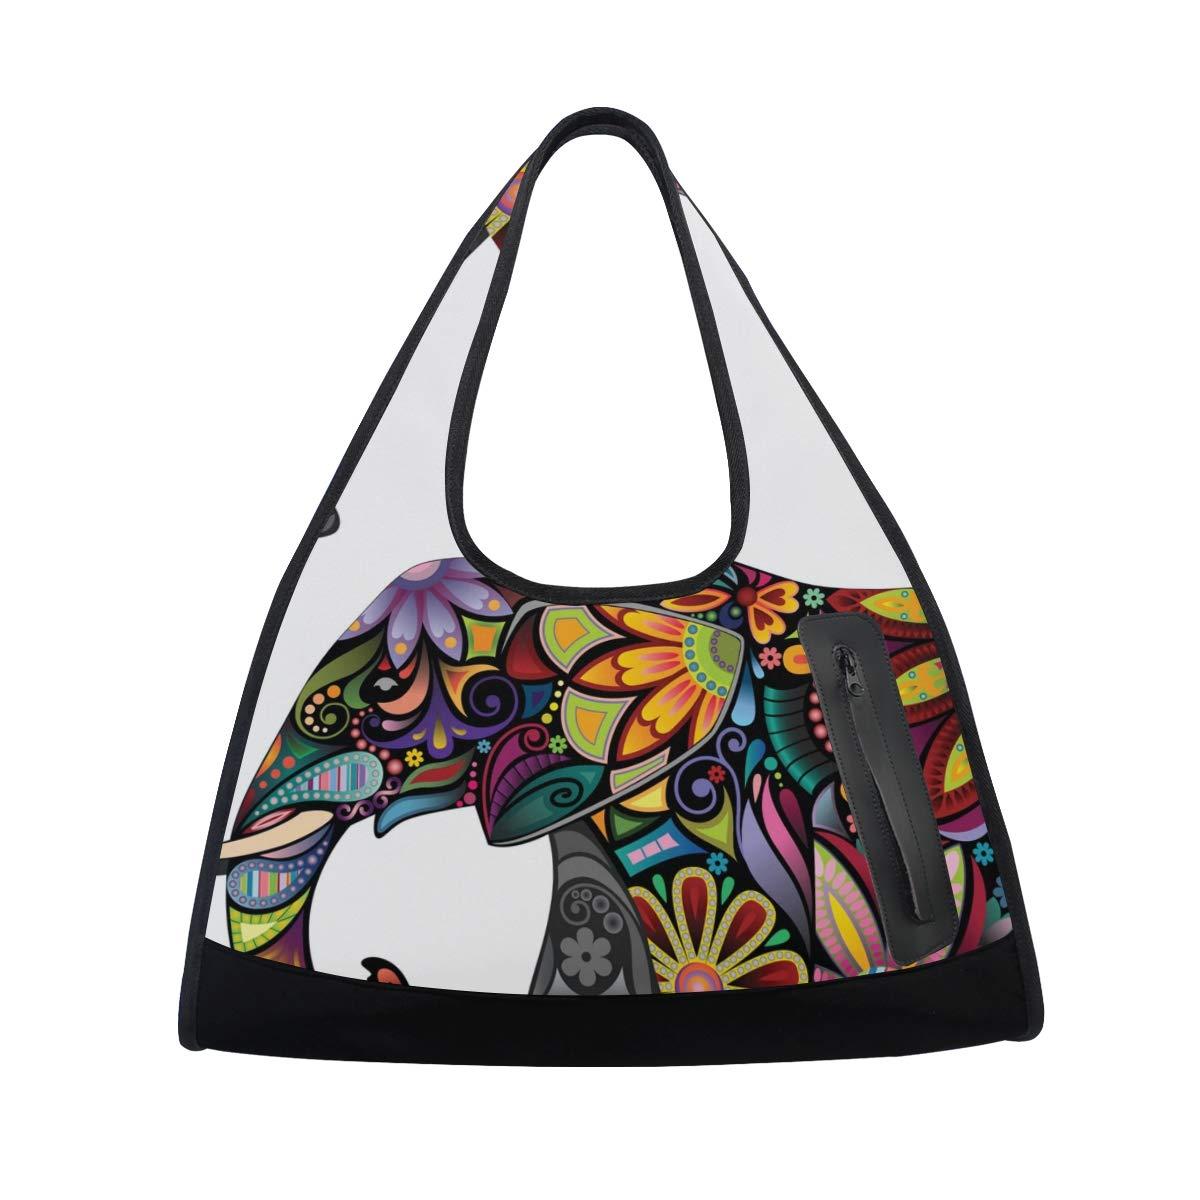 Amazon.com: DEYYA La alegre bolsa de gimnasio de elefante ...